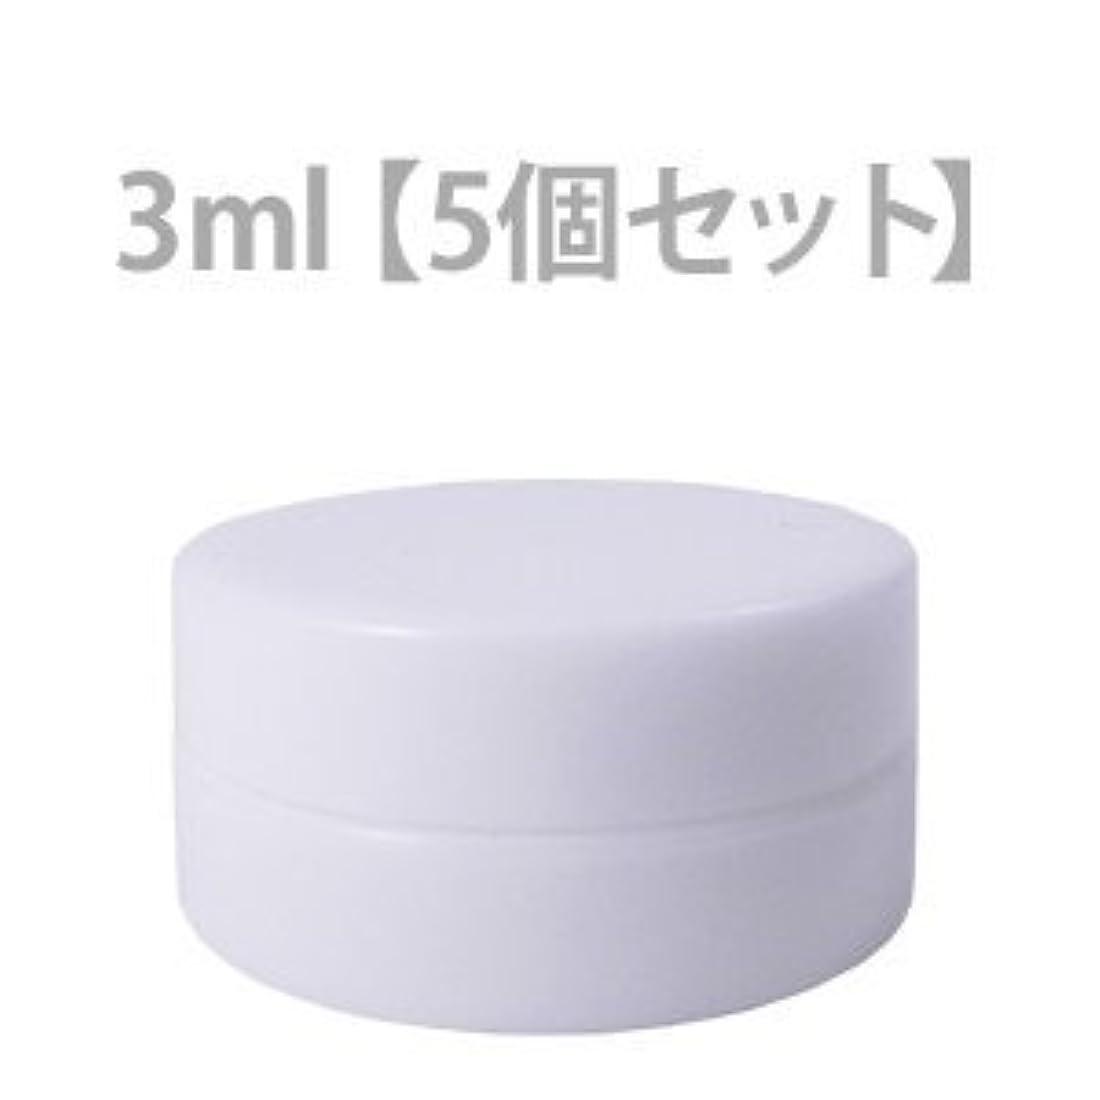 嵐の成功する上に築きますクリーム用容器 3ml (5個セット) 【化粧品容器】